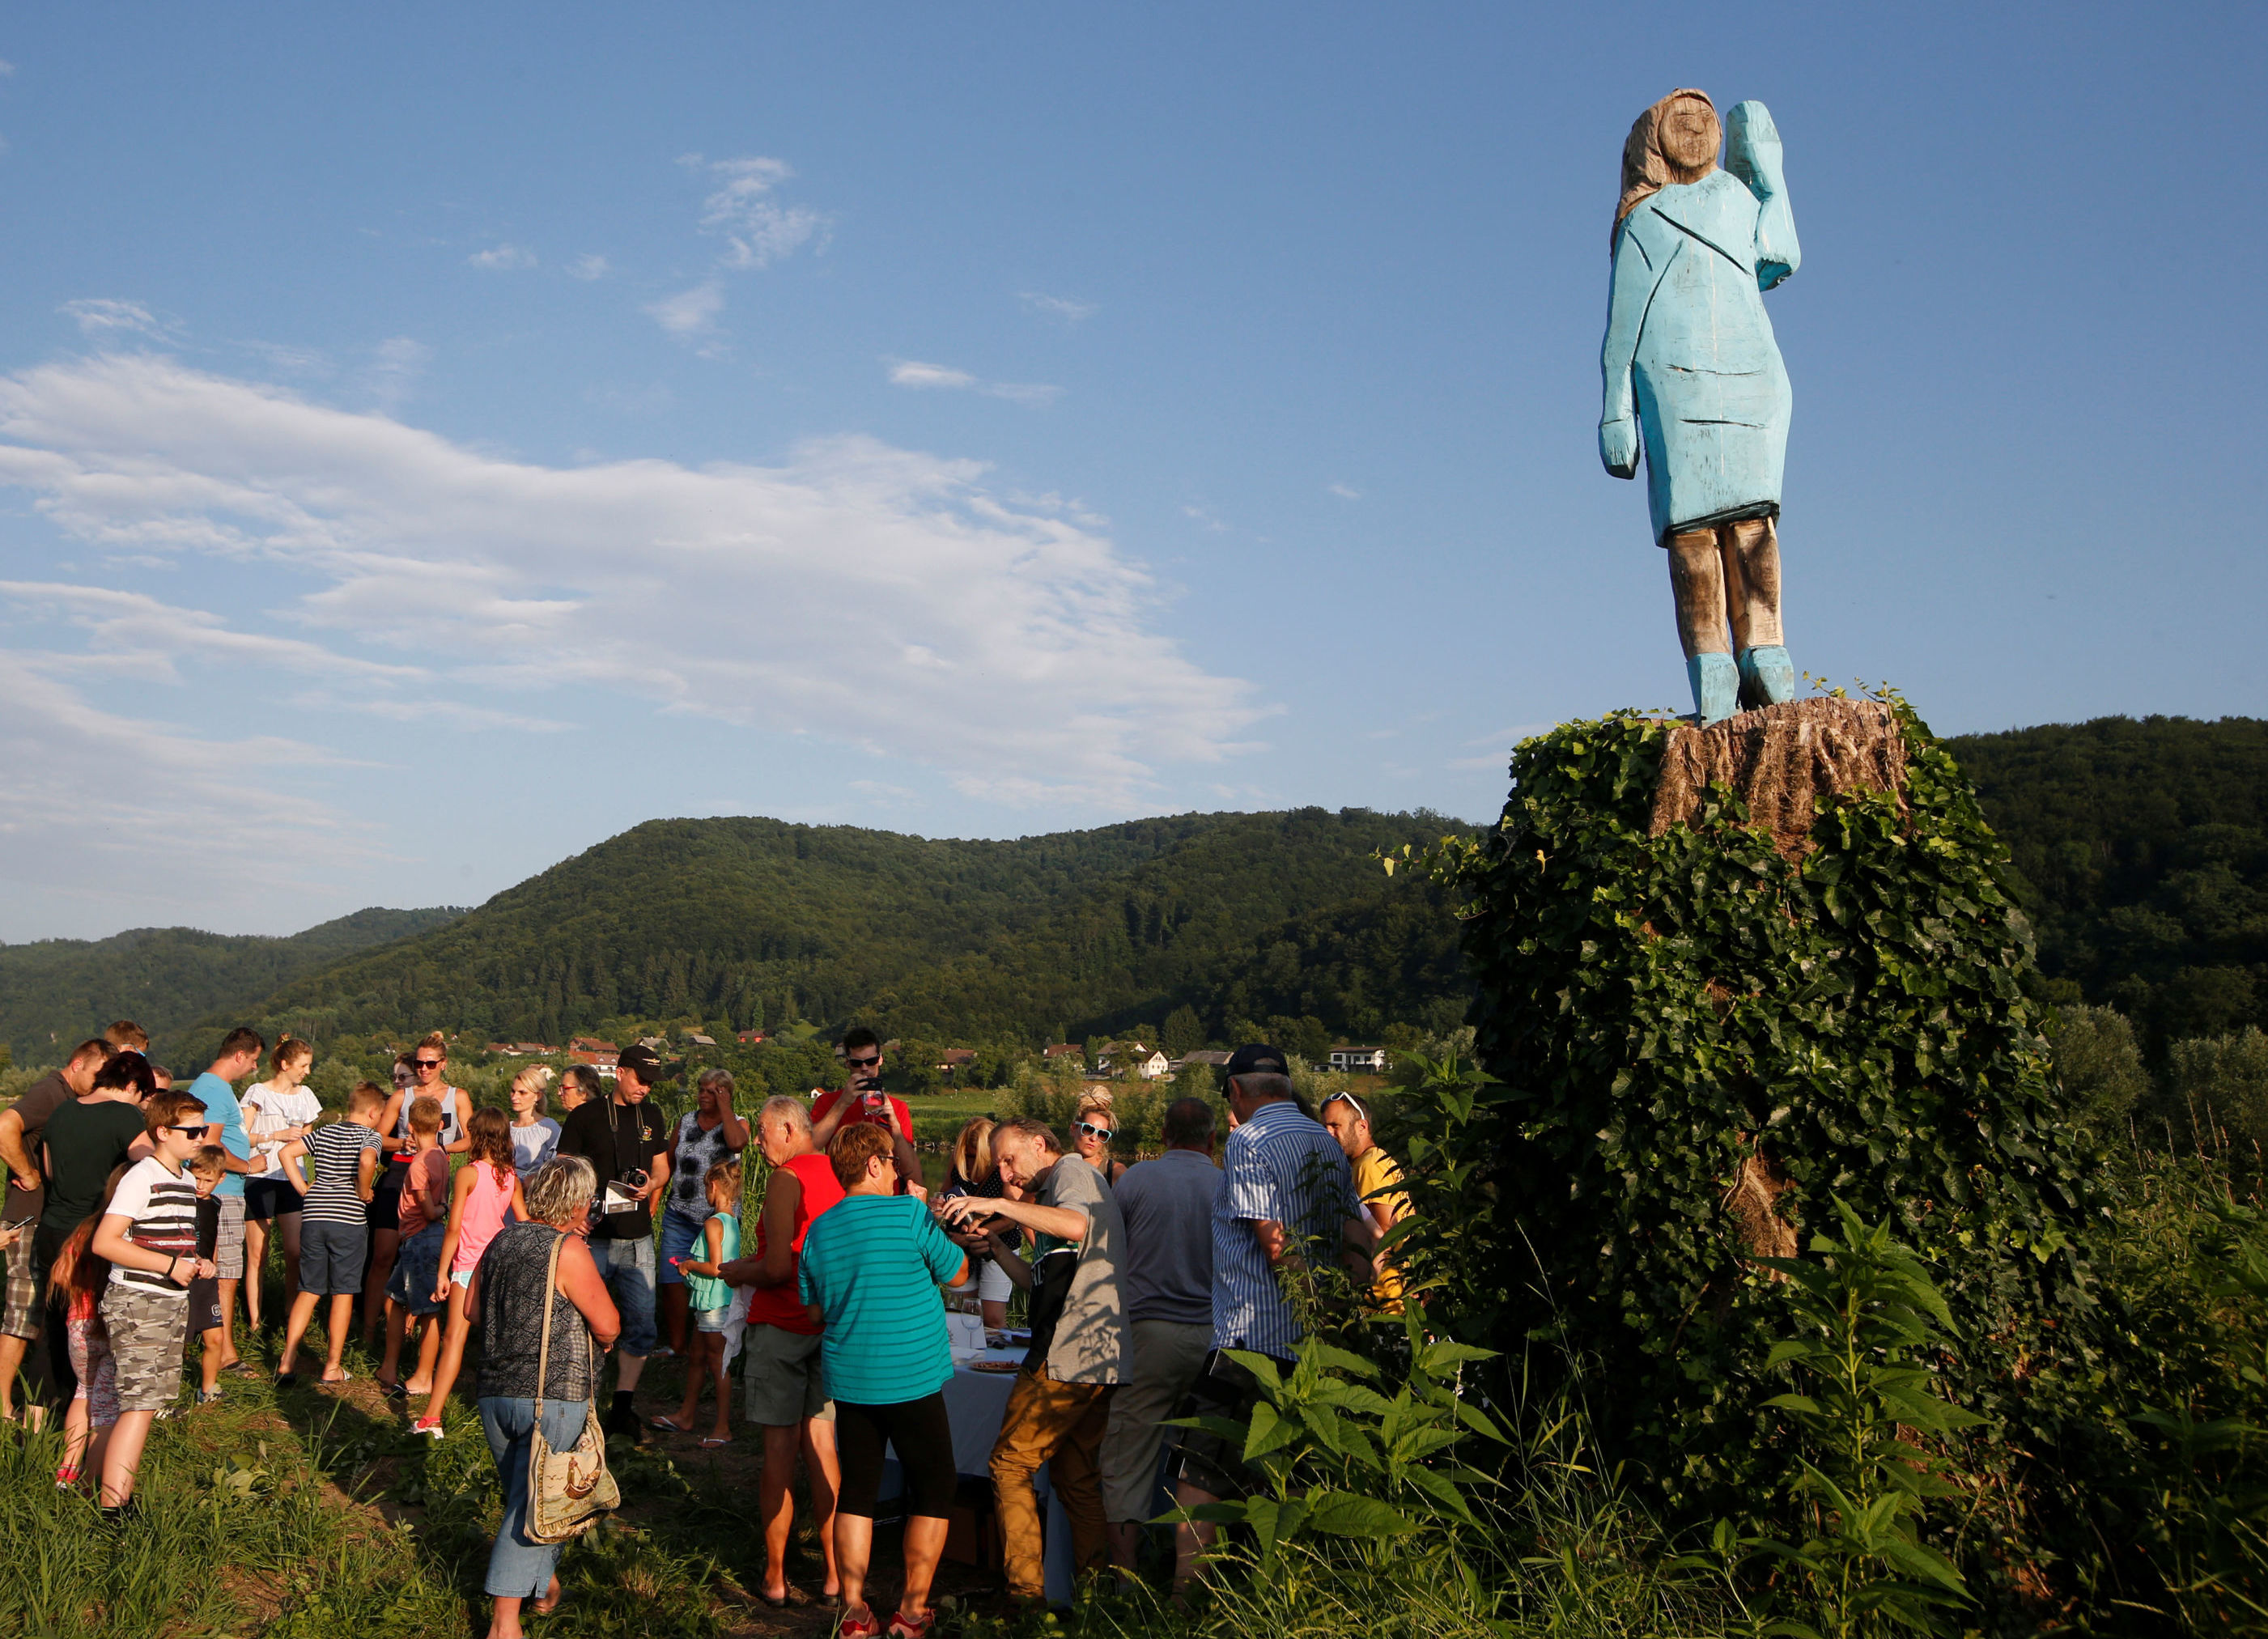 La escultura guarda poco parecido con la Melania real